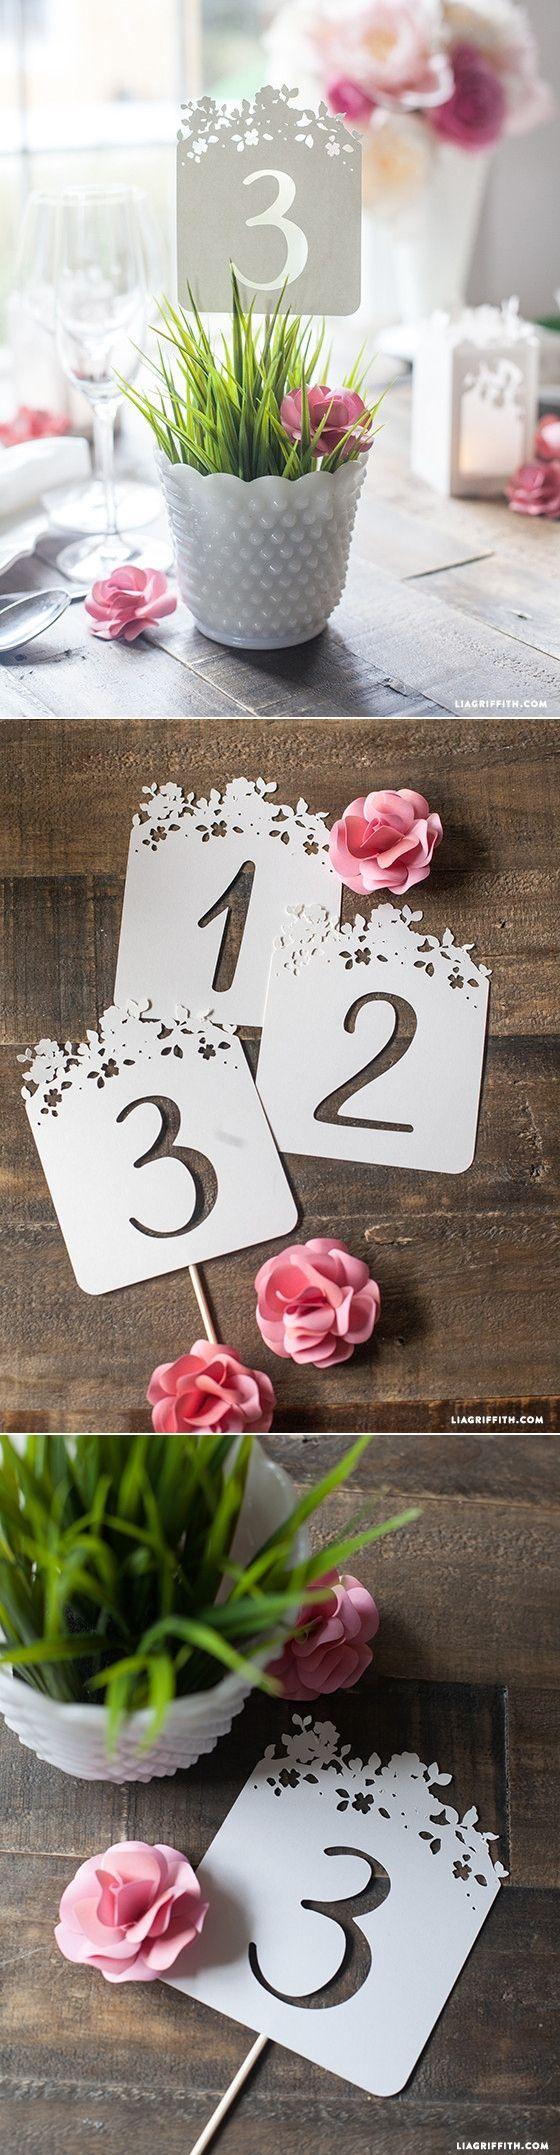 Centros de mesa numerados!